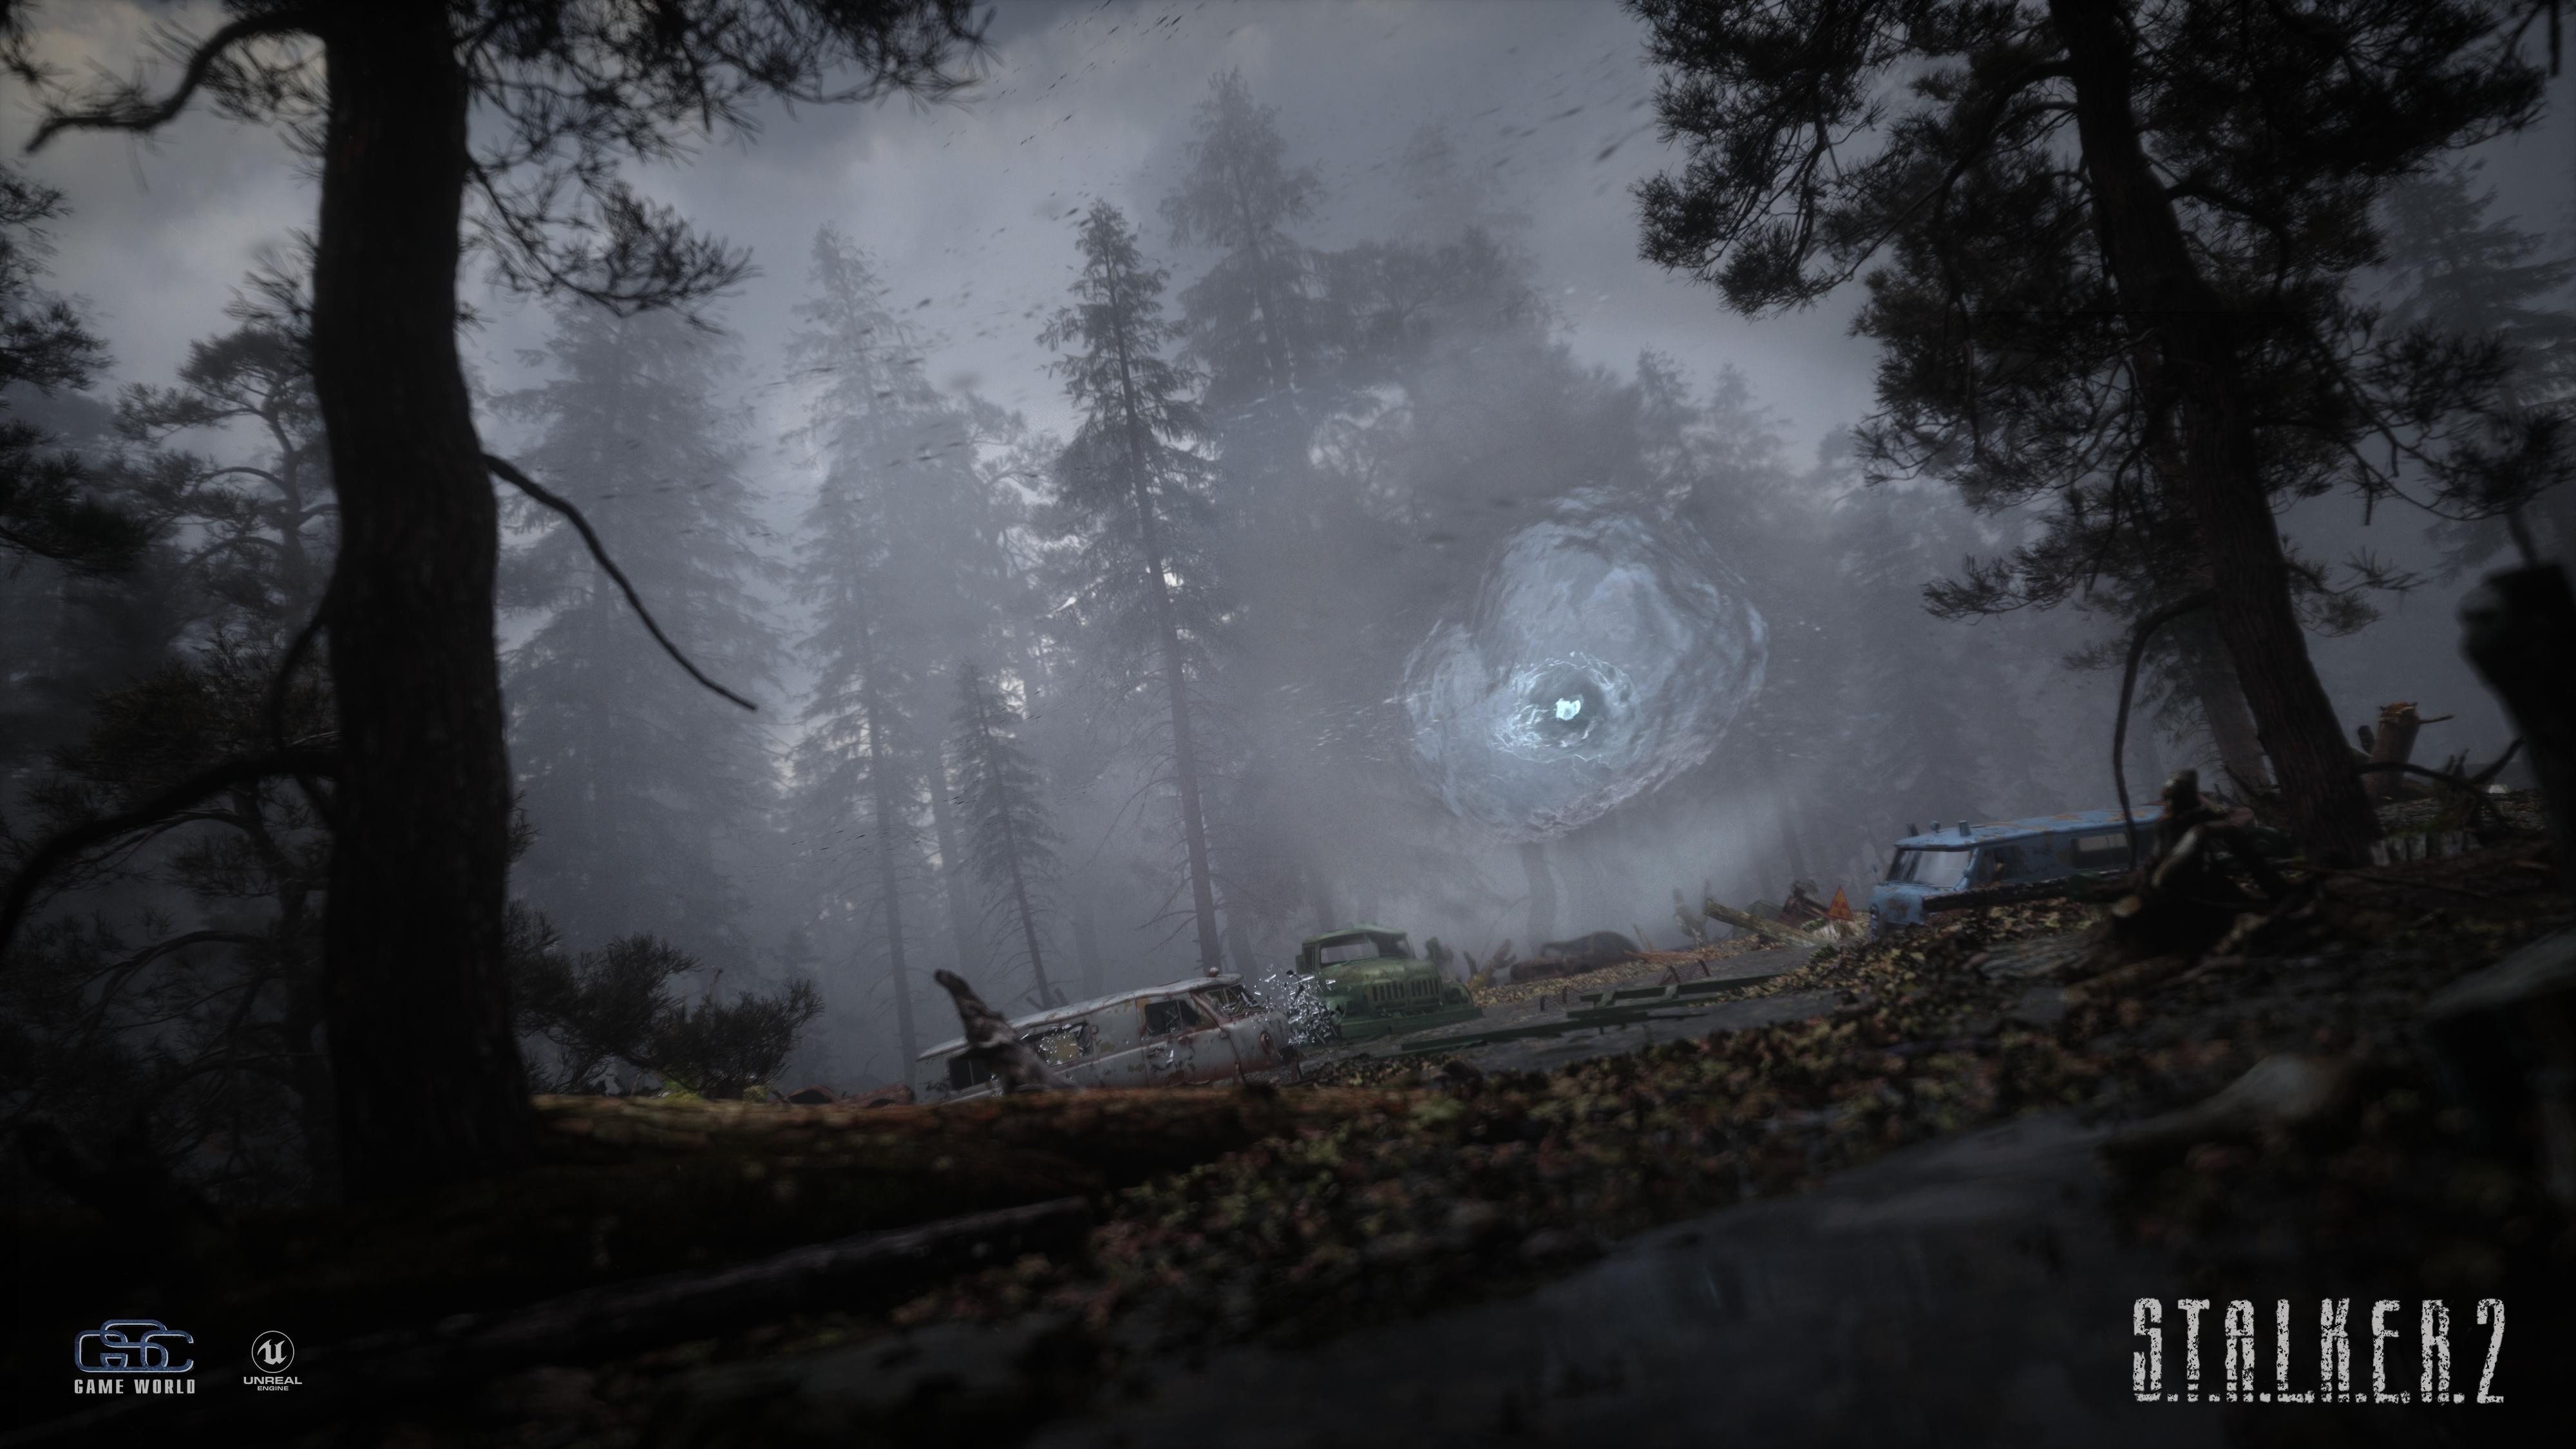 Разработчики S.T.A.L.K.E.R. 2 поделились первым скриншотом